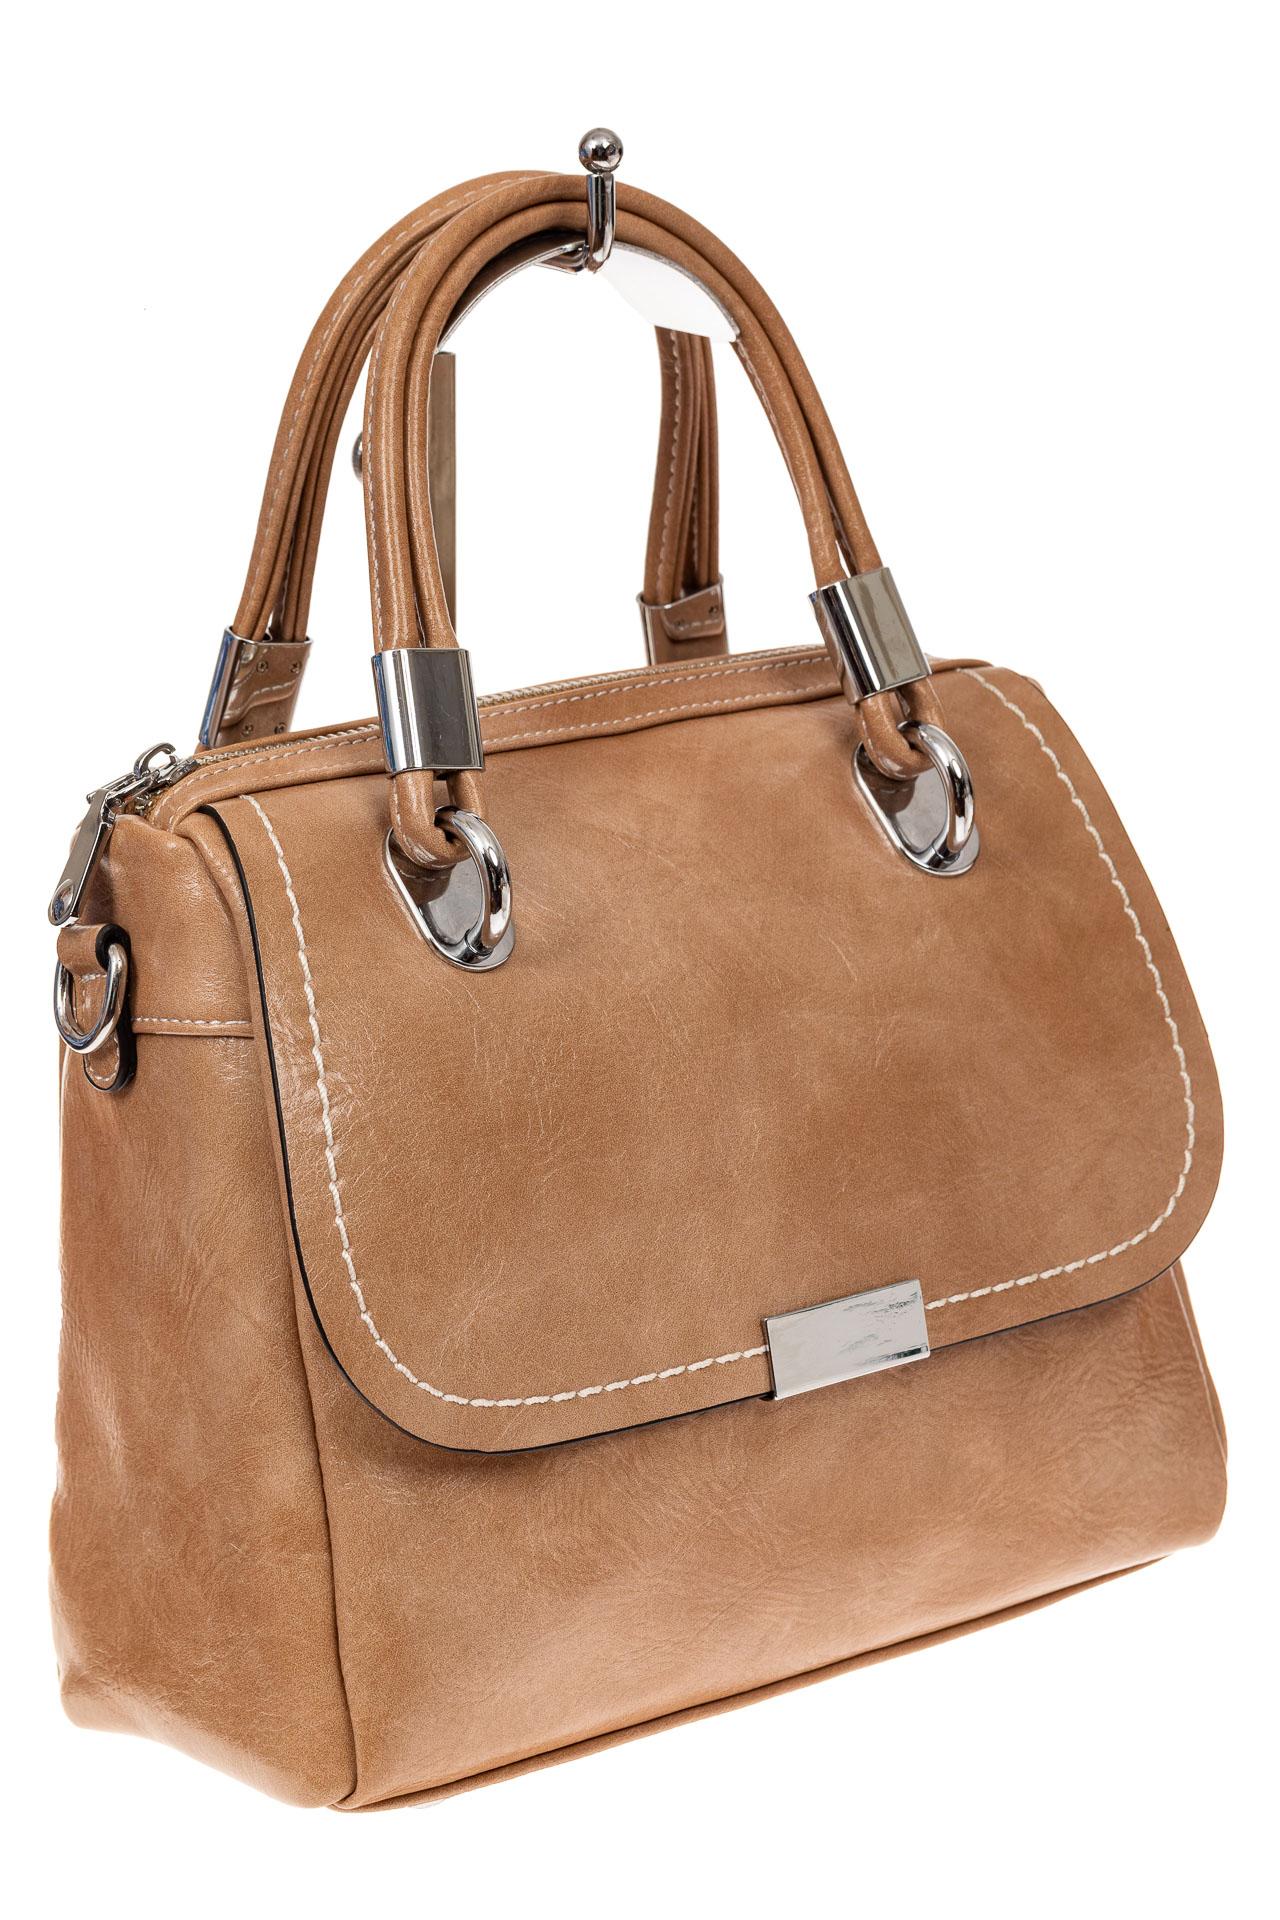 Летняя женская сумка из искусственной кожи, цвет кофе с молоком9251PM5/6